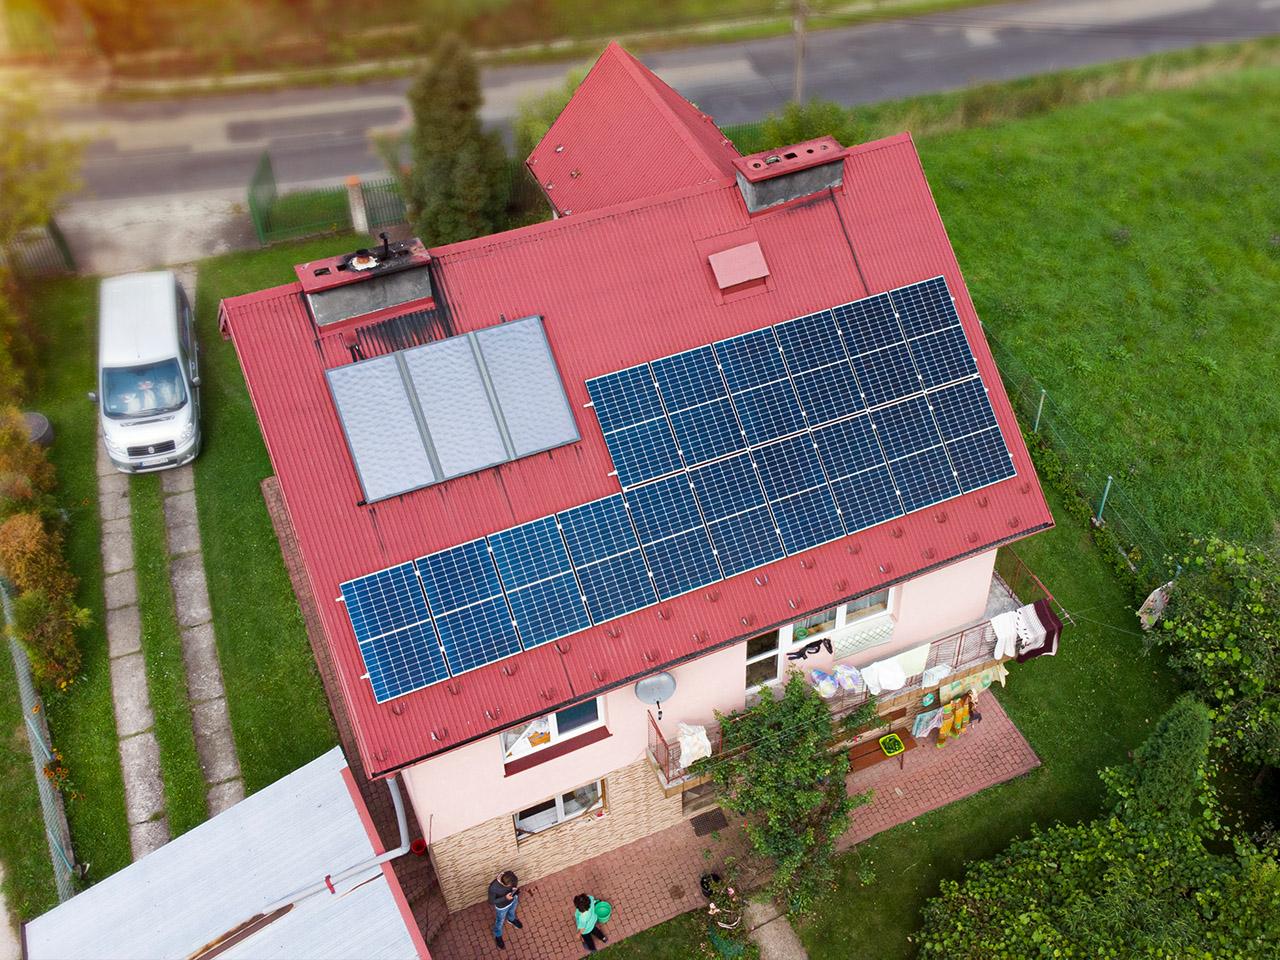 instalacja-fotowoltaiczna-foto-instal-montaz-paneli-slonecznych-debno-brzesko-tarnow-krakow-rzeszow-debica-nowy-sacz-malopolska-podkarpacie-longi-solar-sofar-fronius-huawei (59)